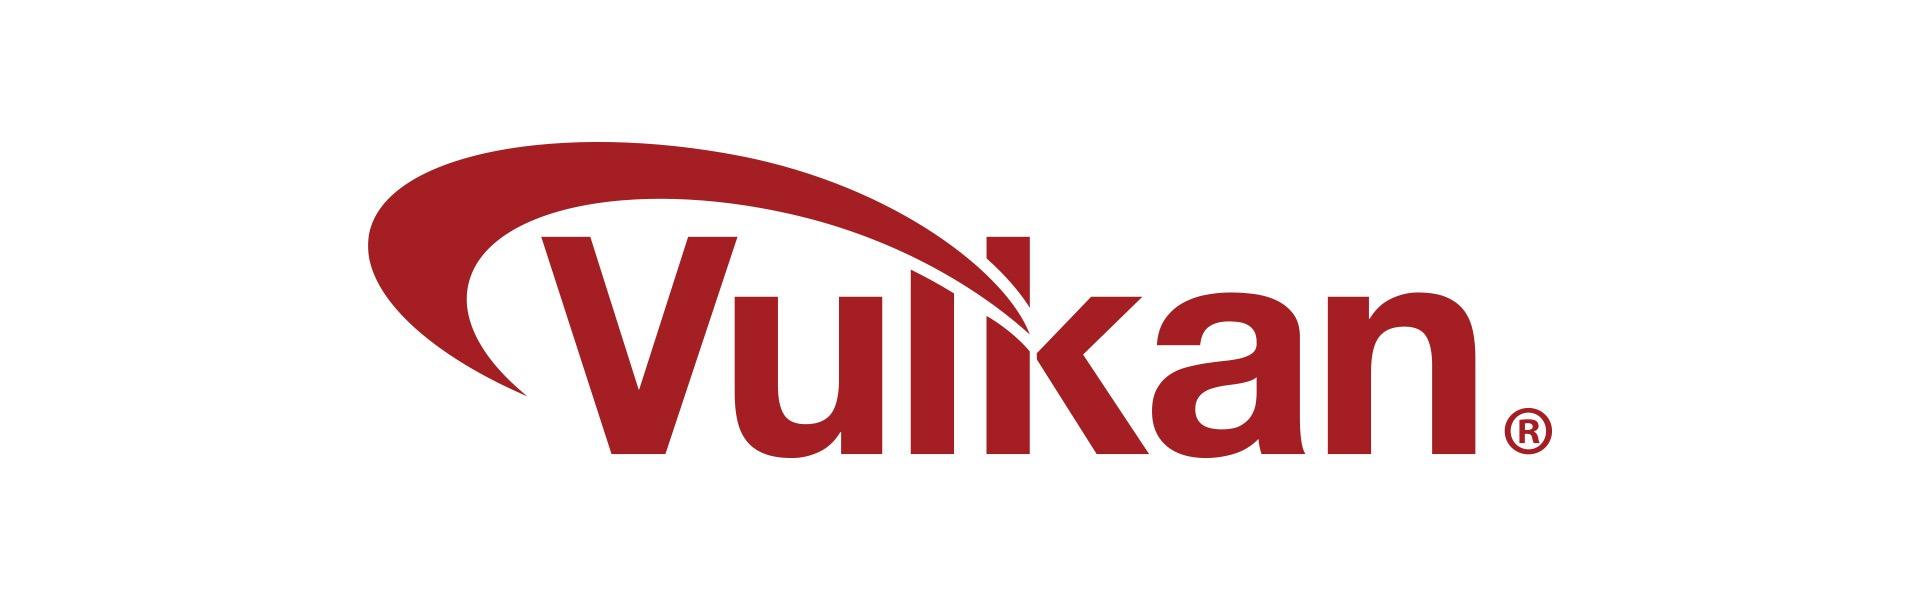 Vulkan támogatást kap a Quest az Unreal Engine-nel és később majd a Unity-vel is